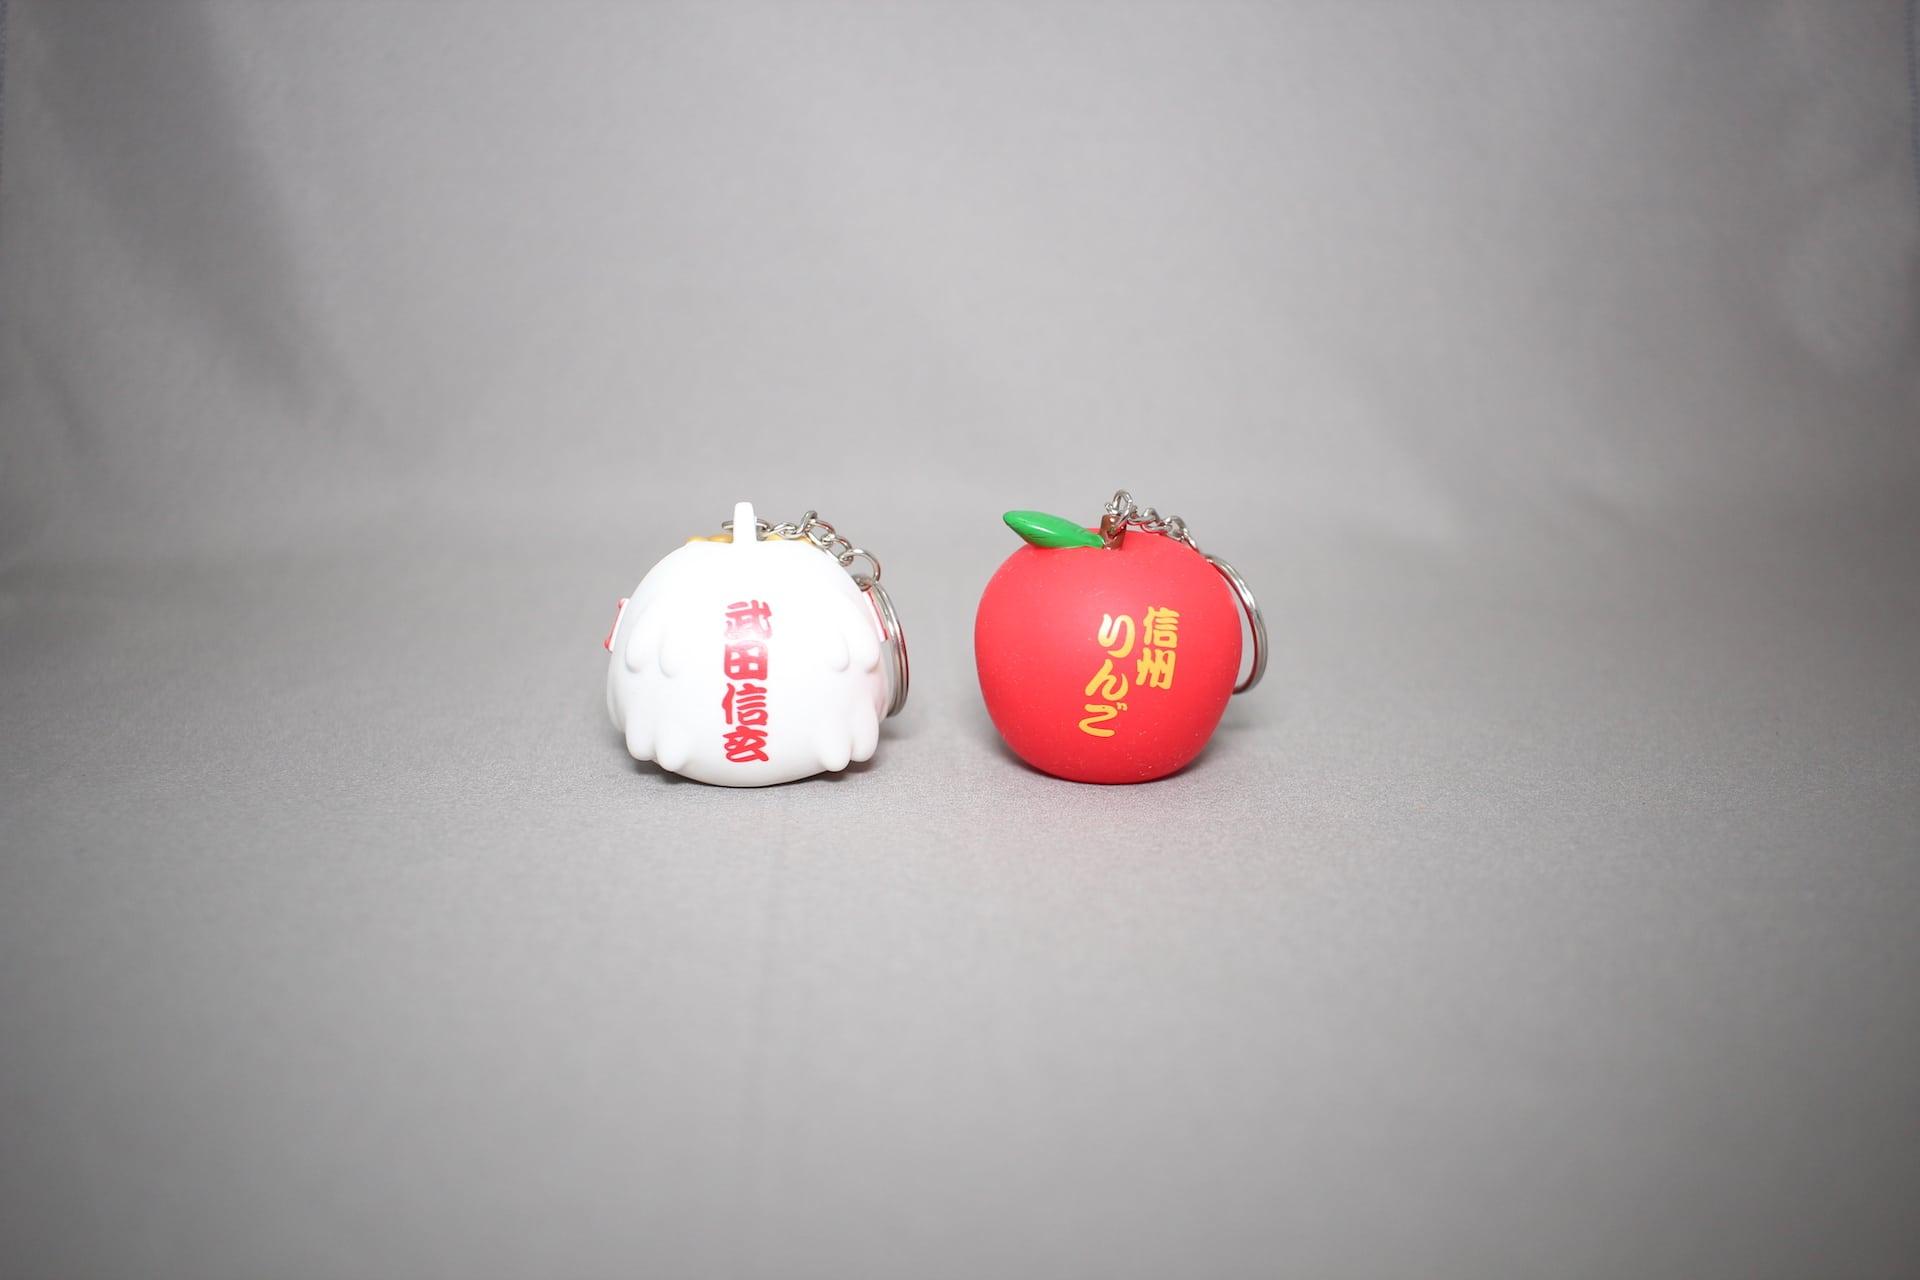 飛び出しマスコットのりんごと武田信玄